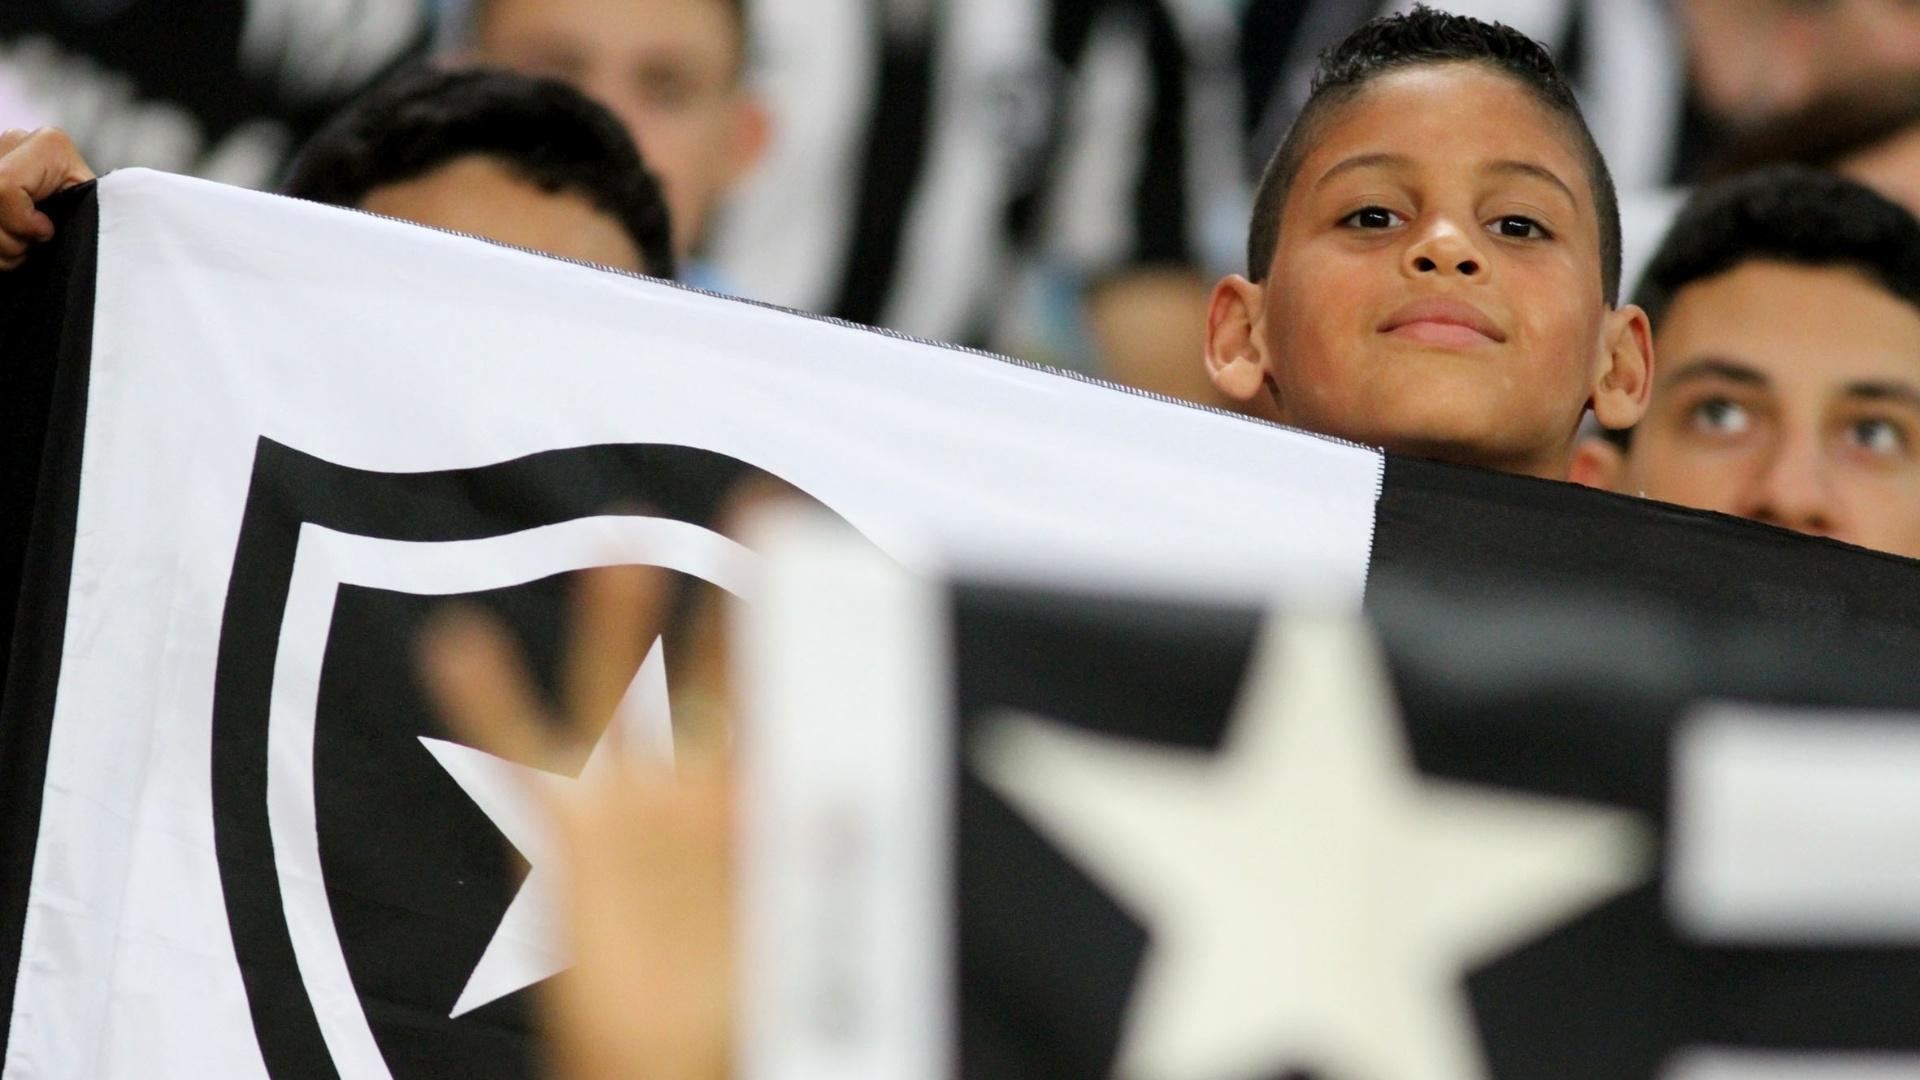 01.08.2013 - Torcida do Botafogo faz a festa para partida contra o Vitória no Maracanã